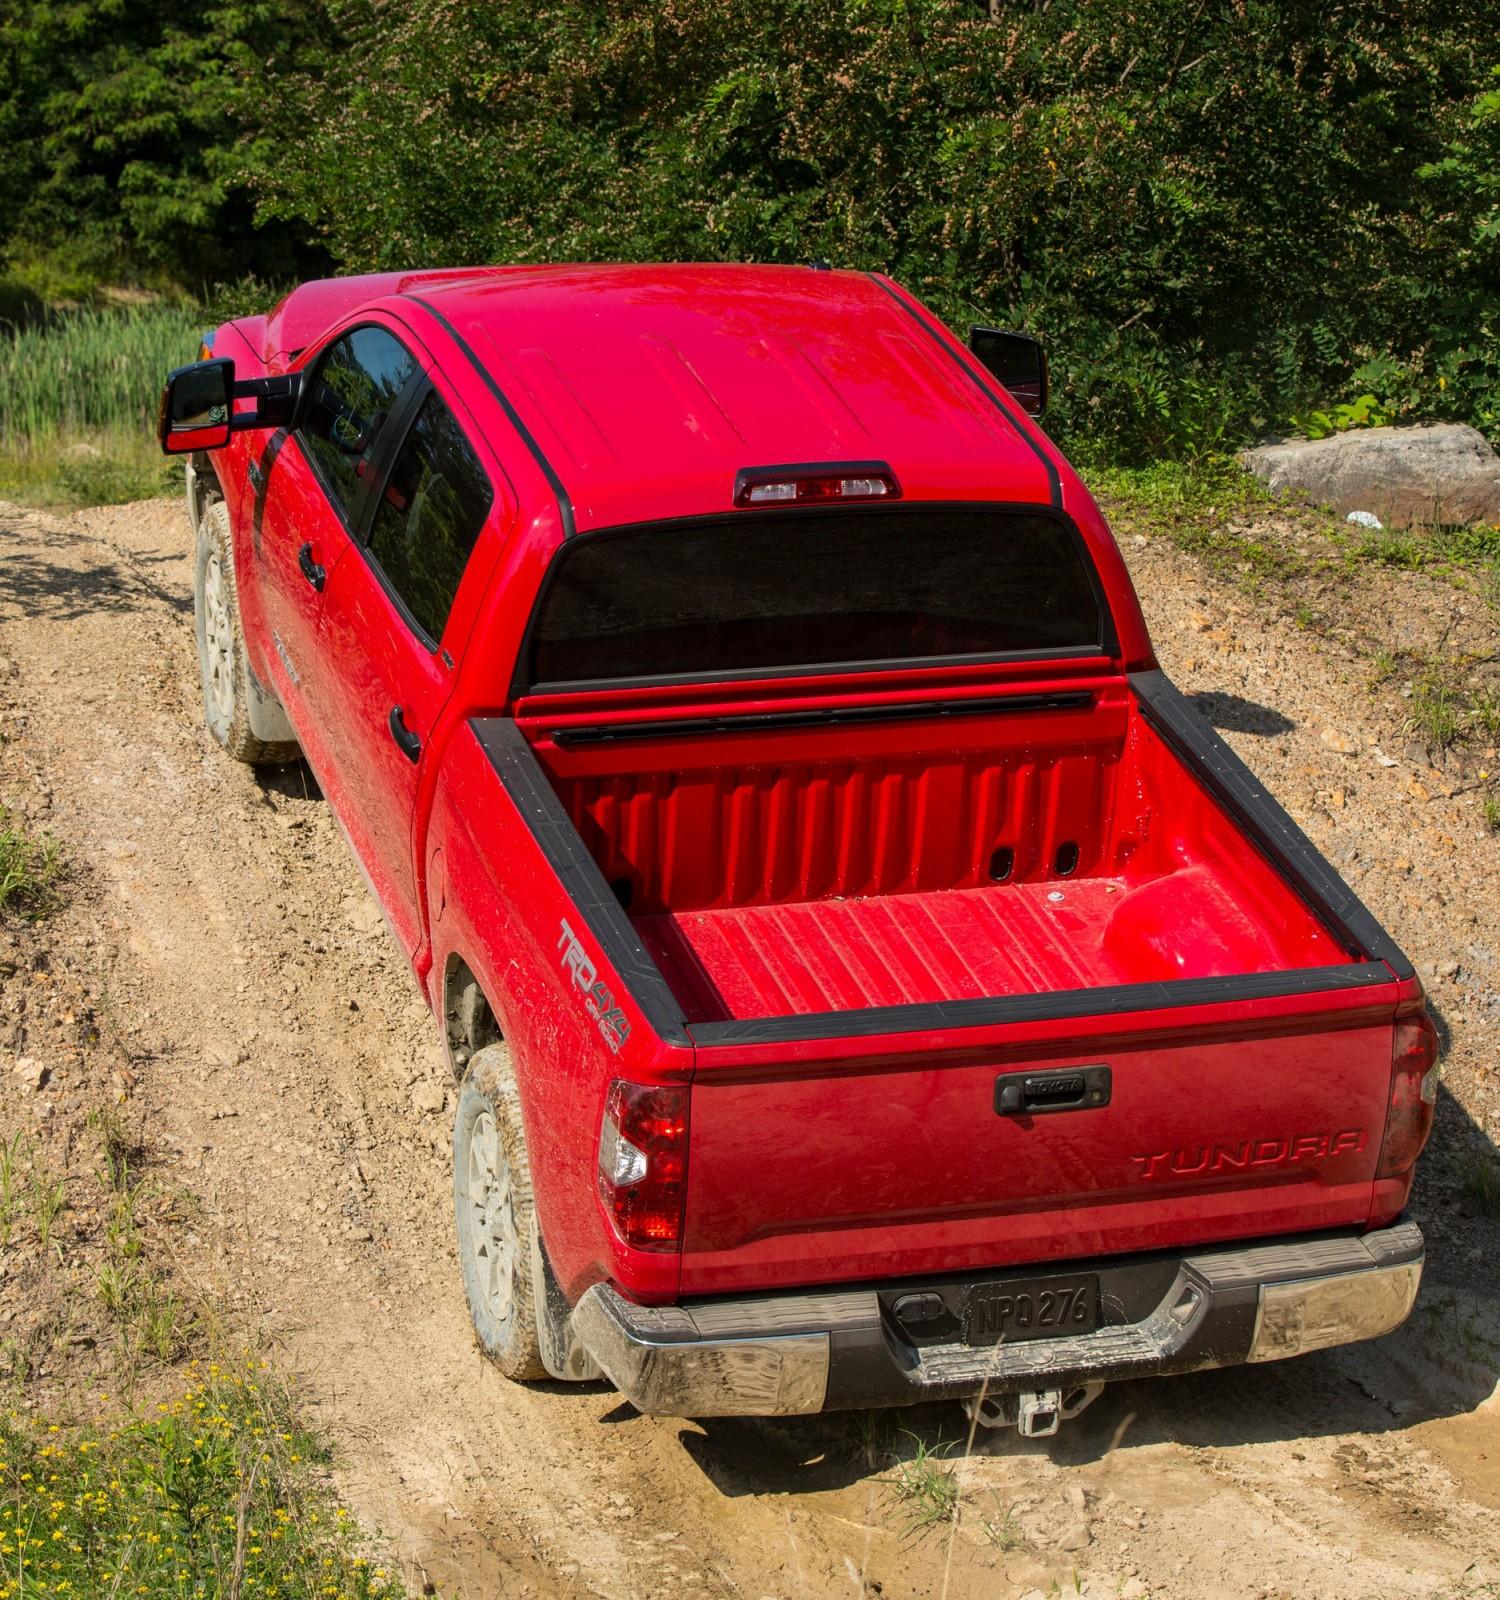 05 Toyota Tundra: 2014 Toyota Tundra 5.7L V8 CrewMax Limited